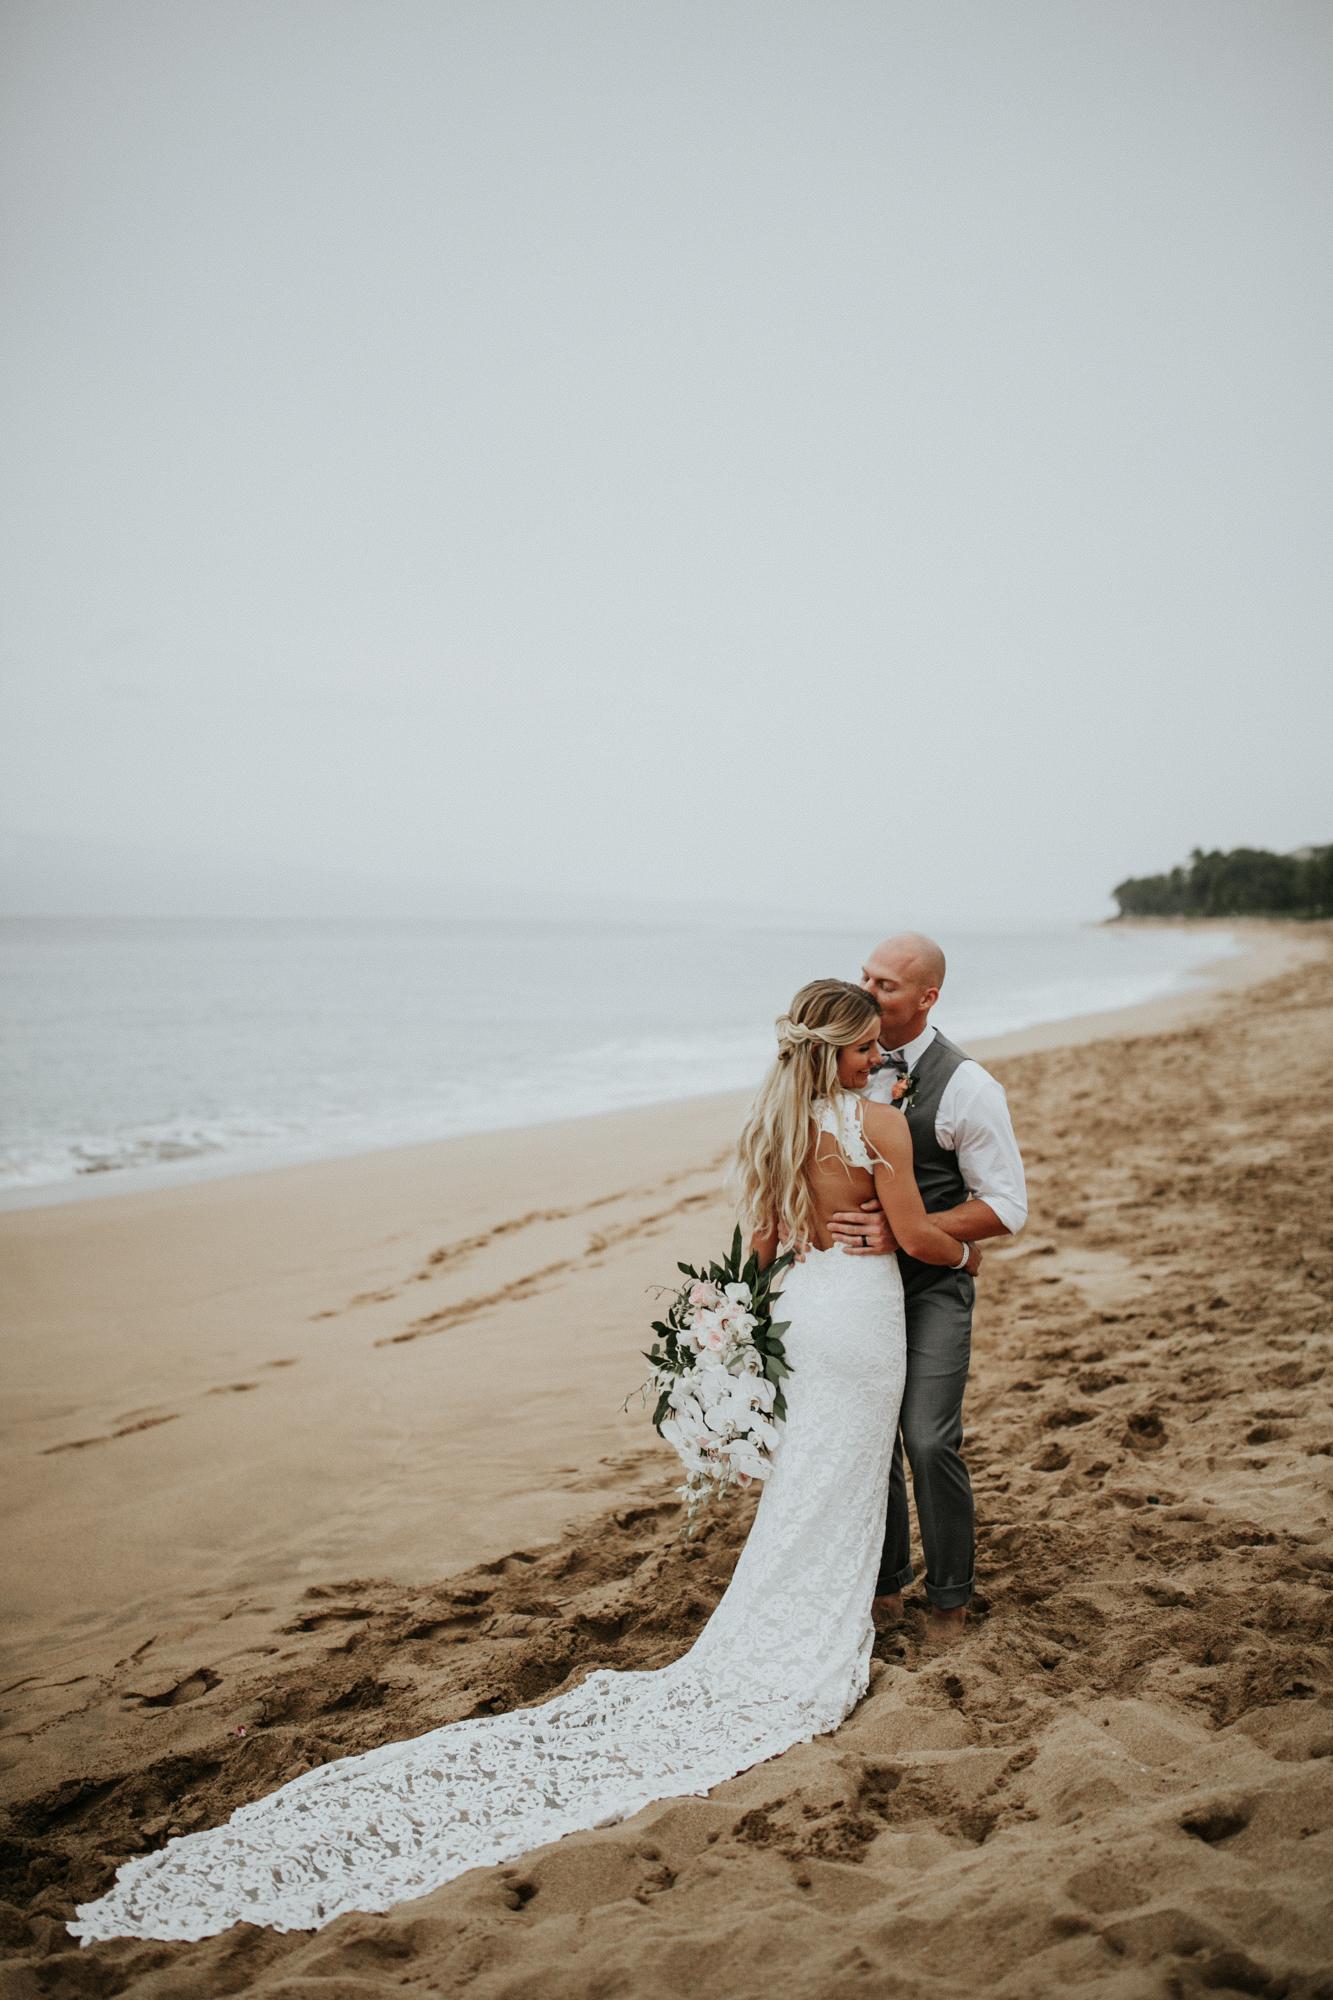 destination-wedding-photographer-hawaii-maui-elopement-87.jpg